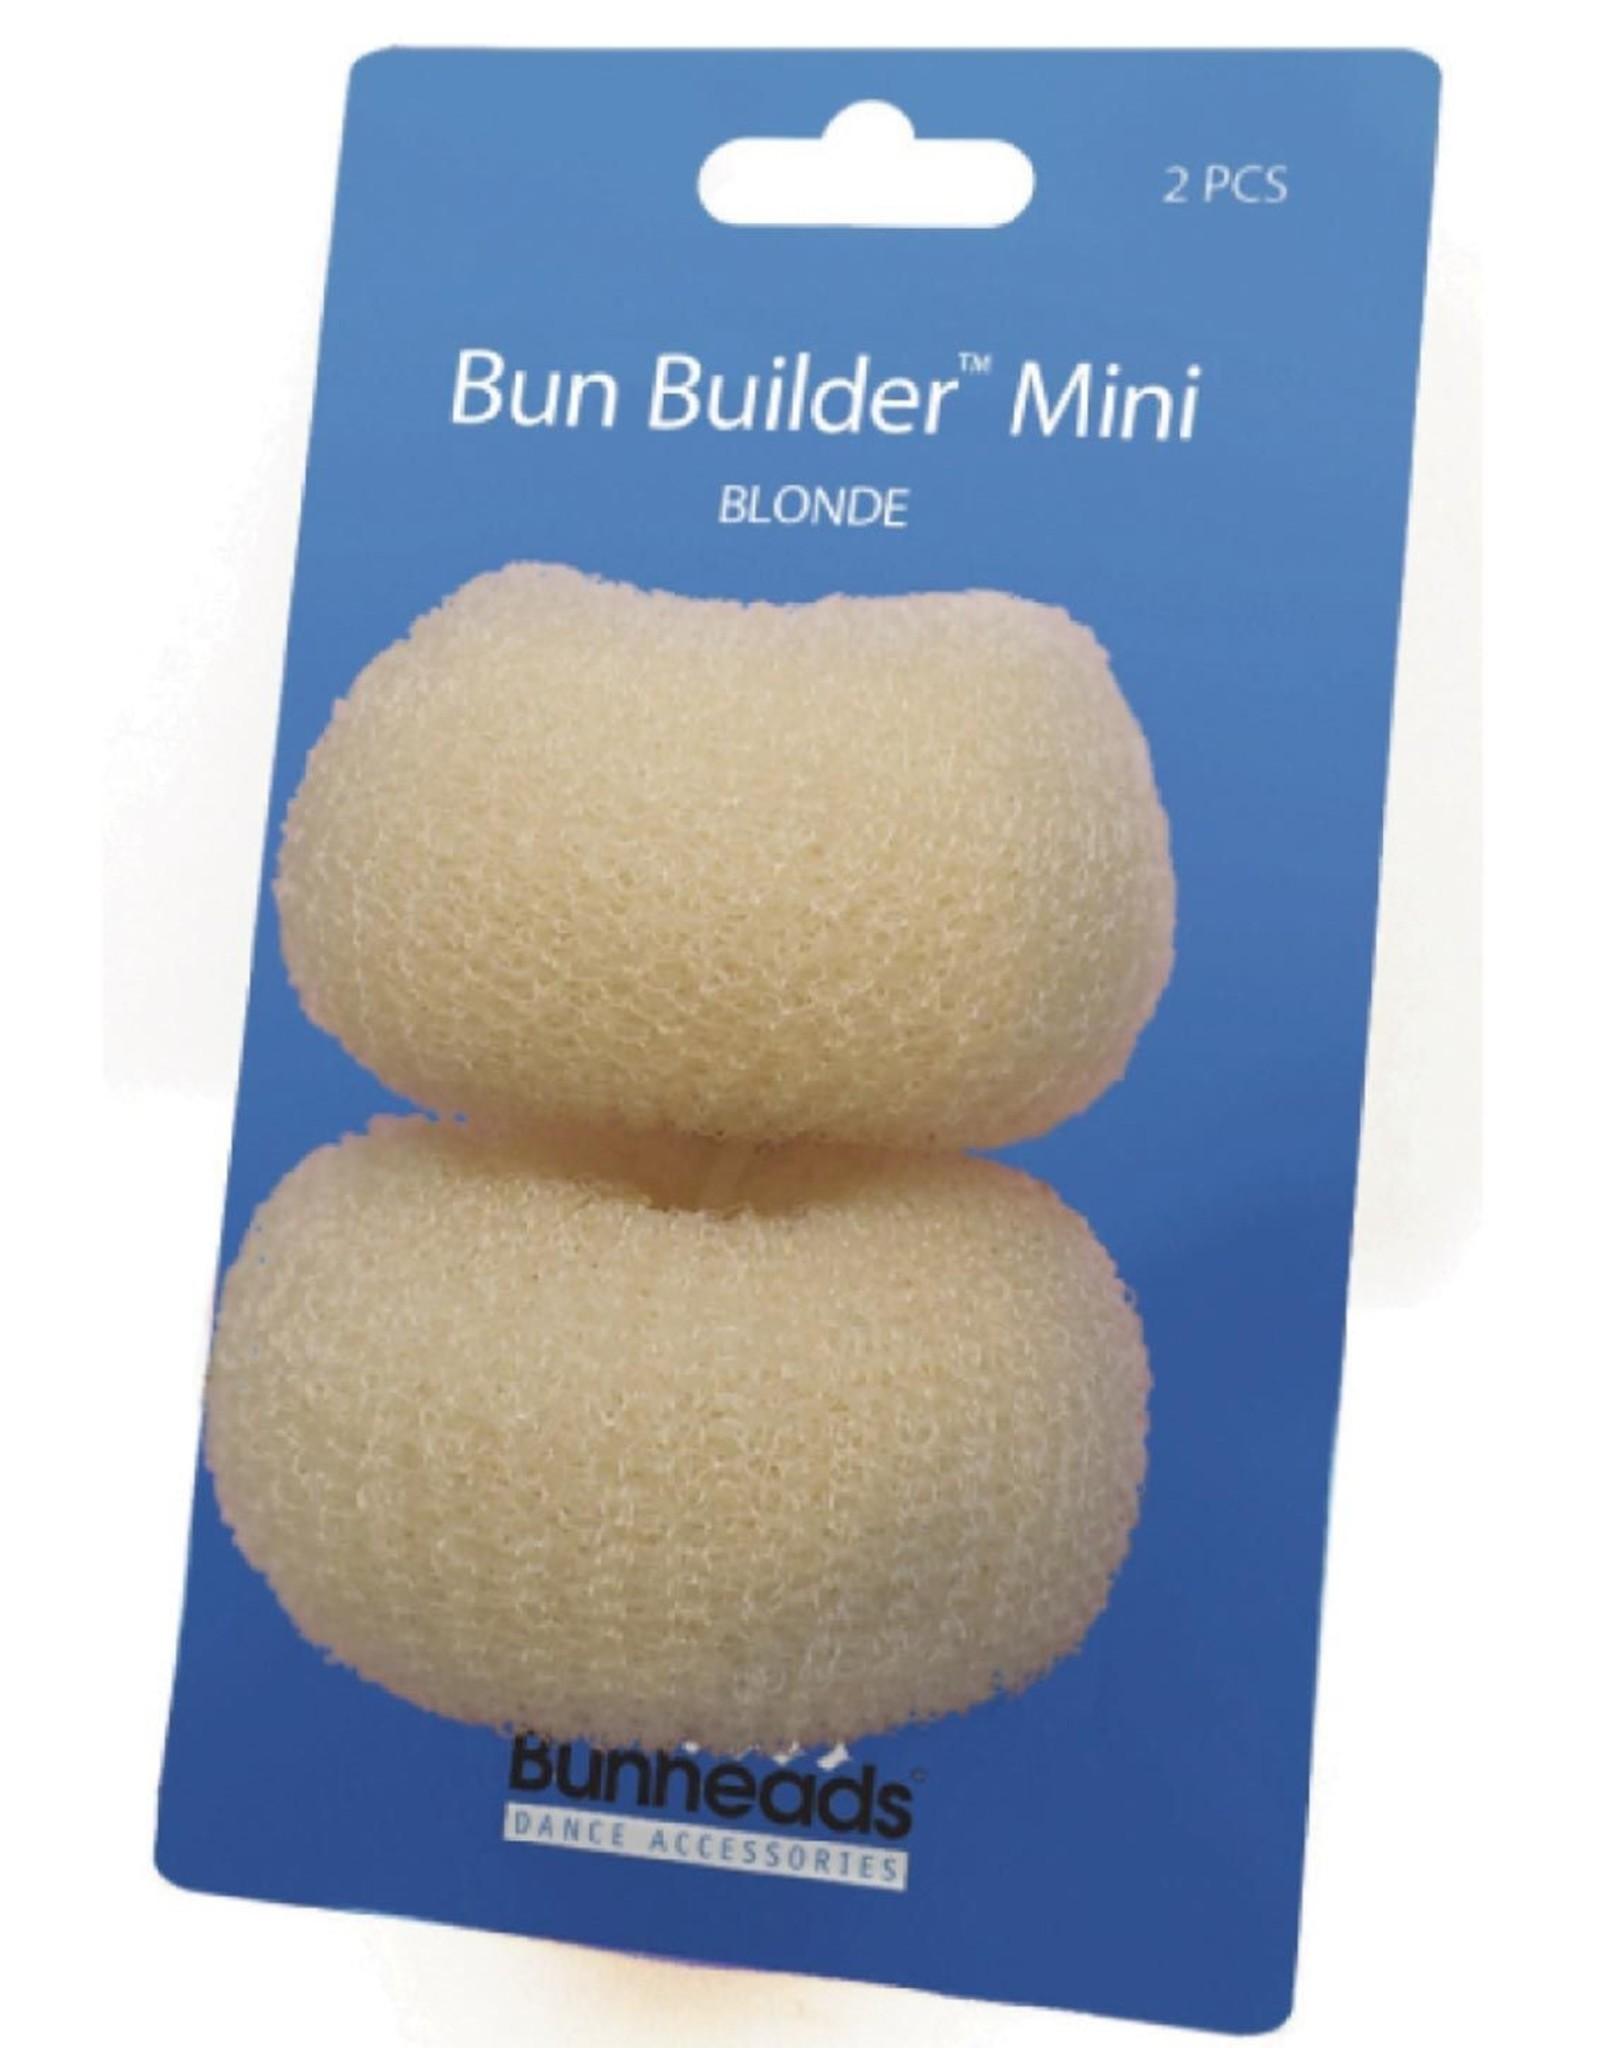 BUNHEADS BUN BUILDER MINI